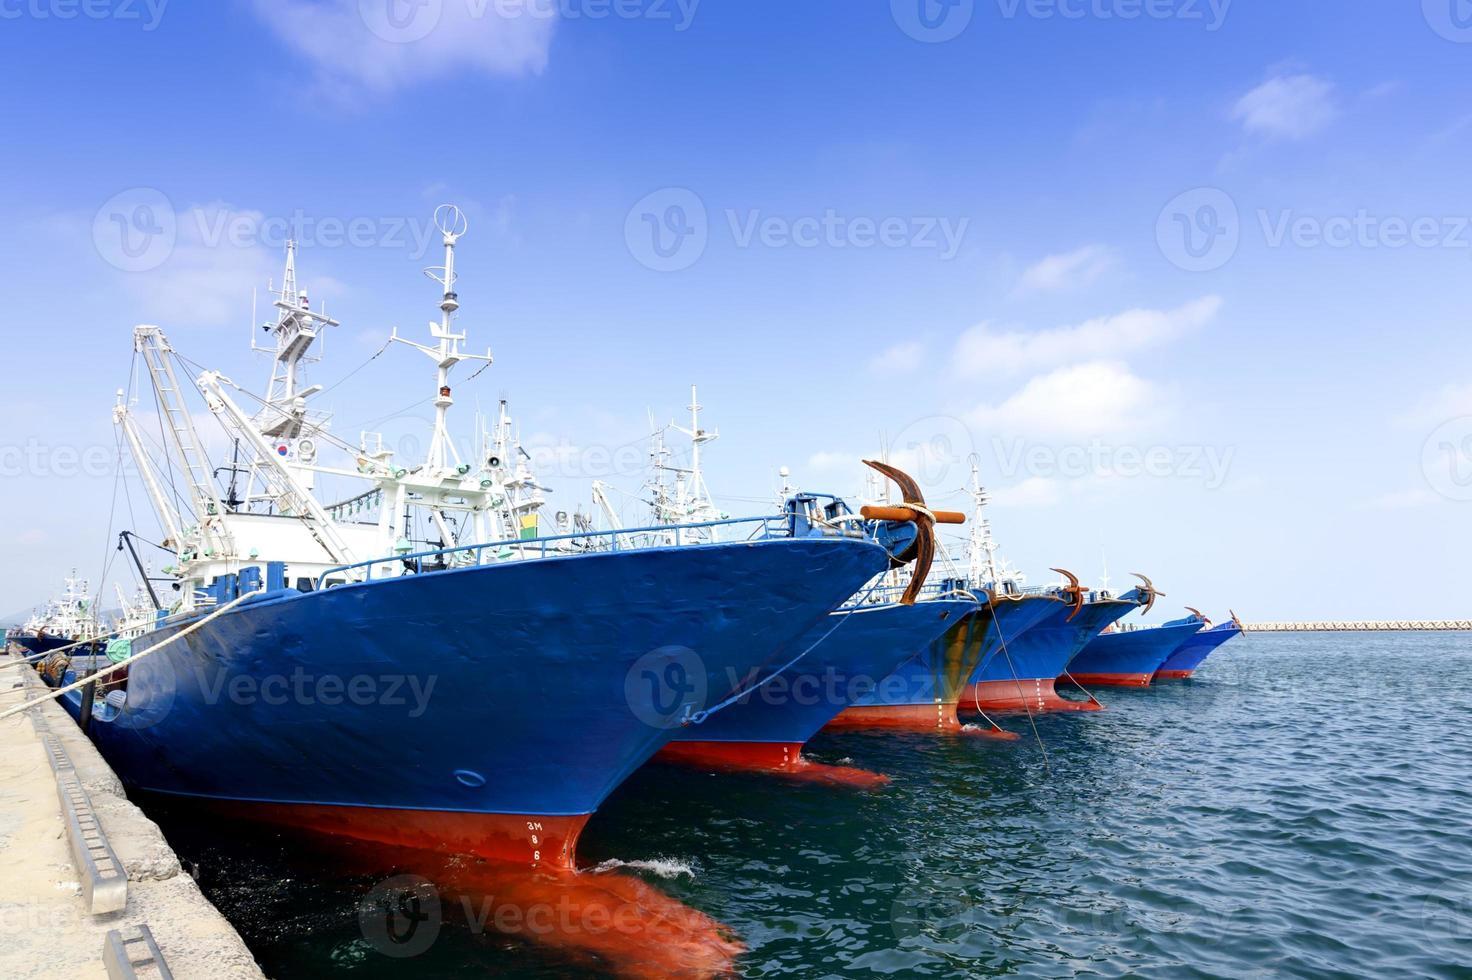 aangemeerde schepen foto